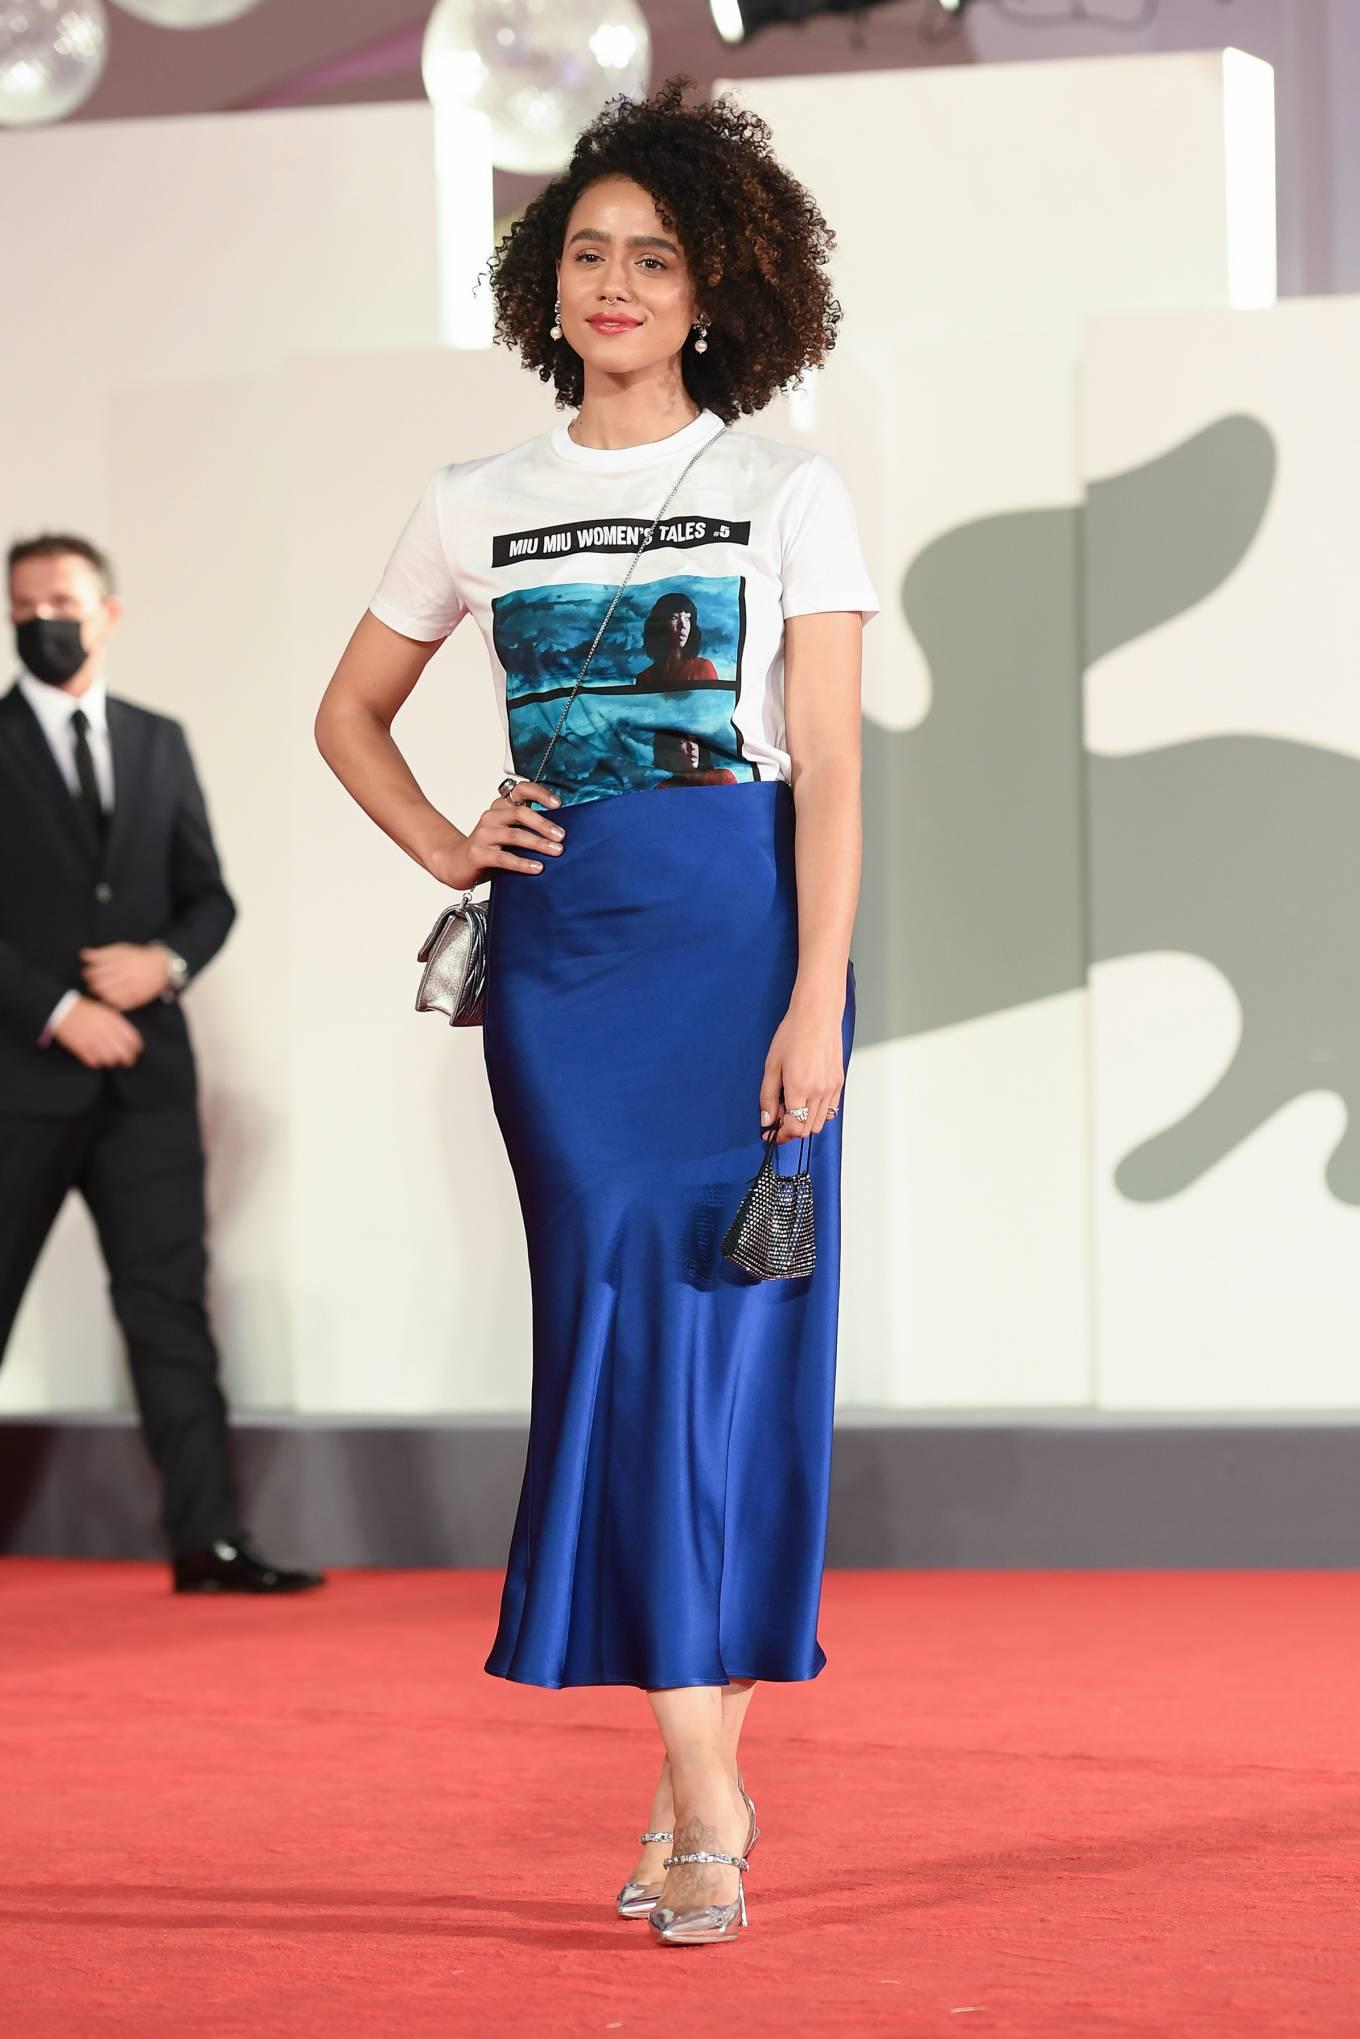 Nathalie Emmanuel 'Revenge Room' premiere - Red carpet at 2020 Venice Film Festival